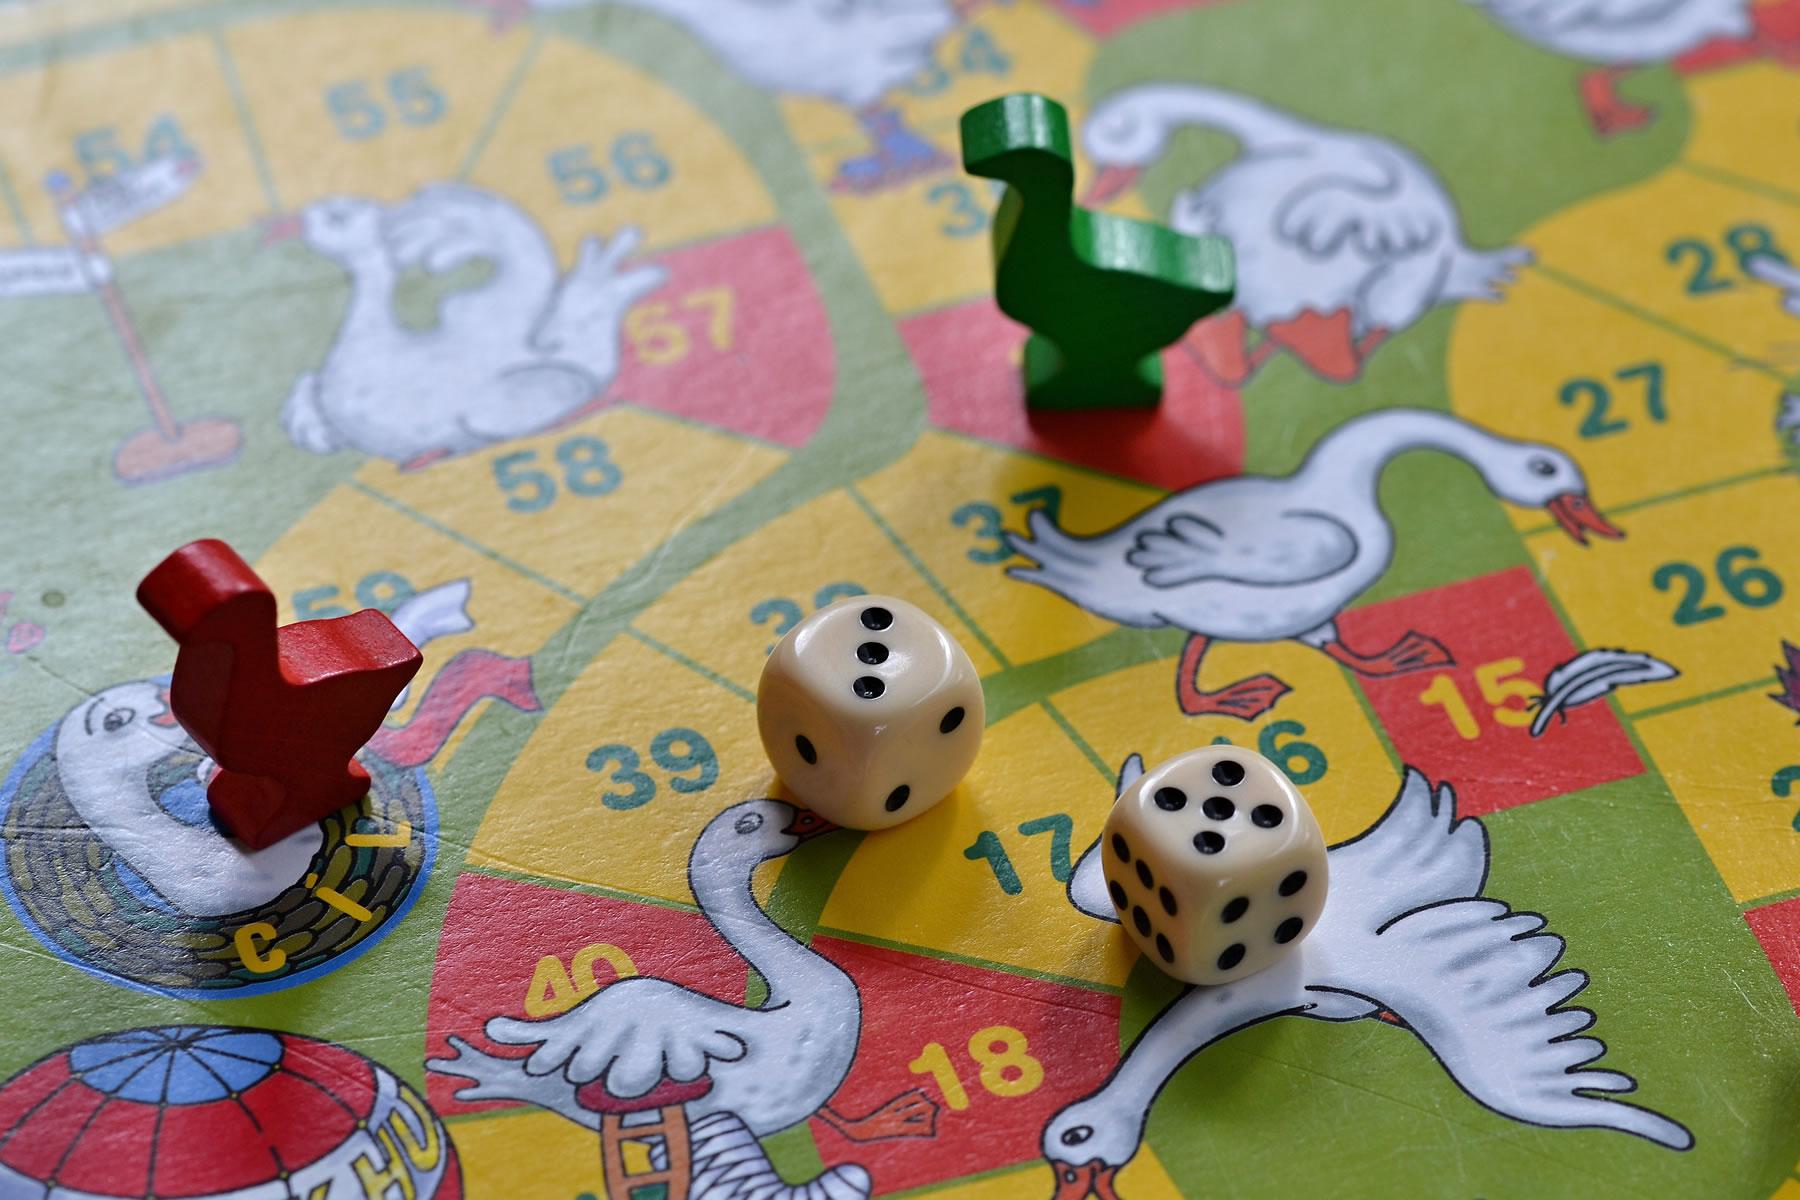 Bereik jij als eerste de finish tijden ons spel Levend Ganzenbord?